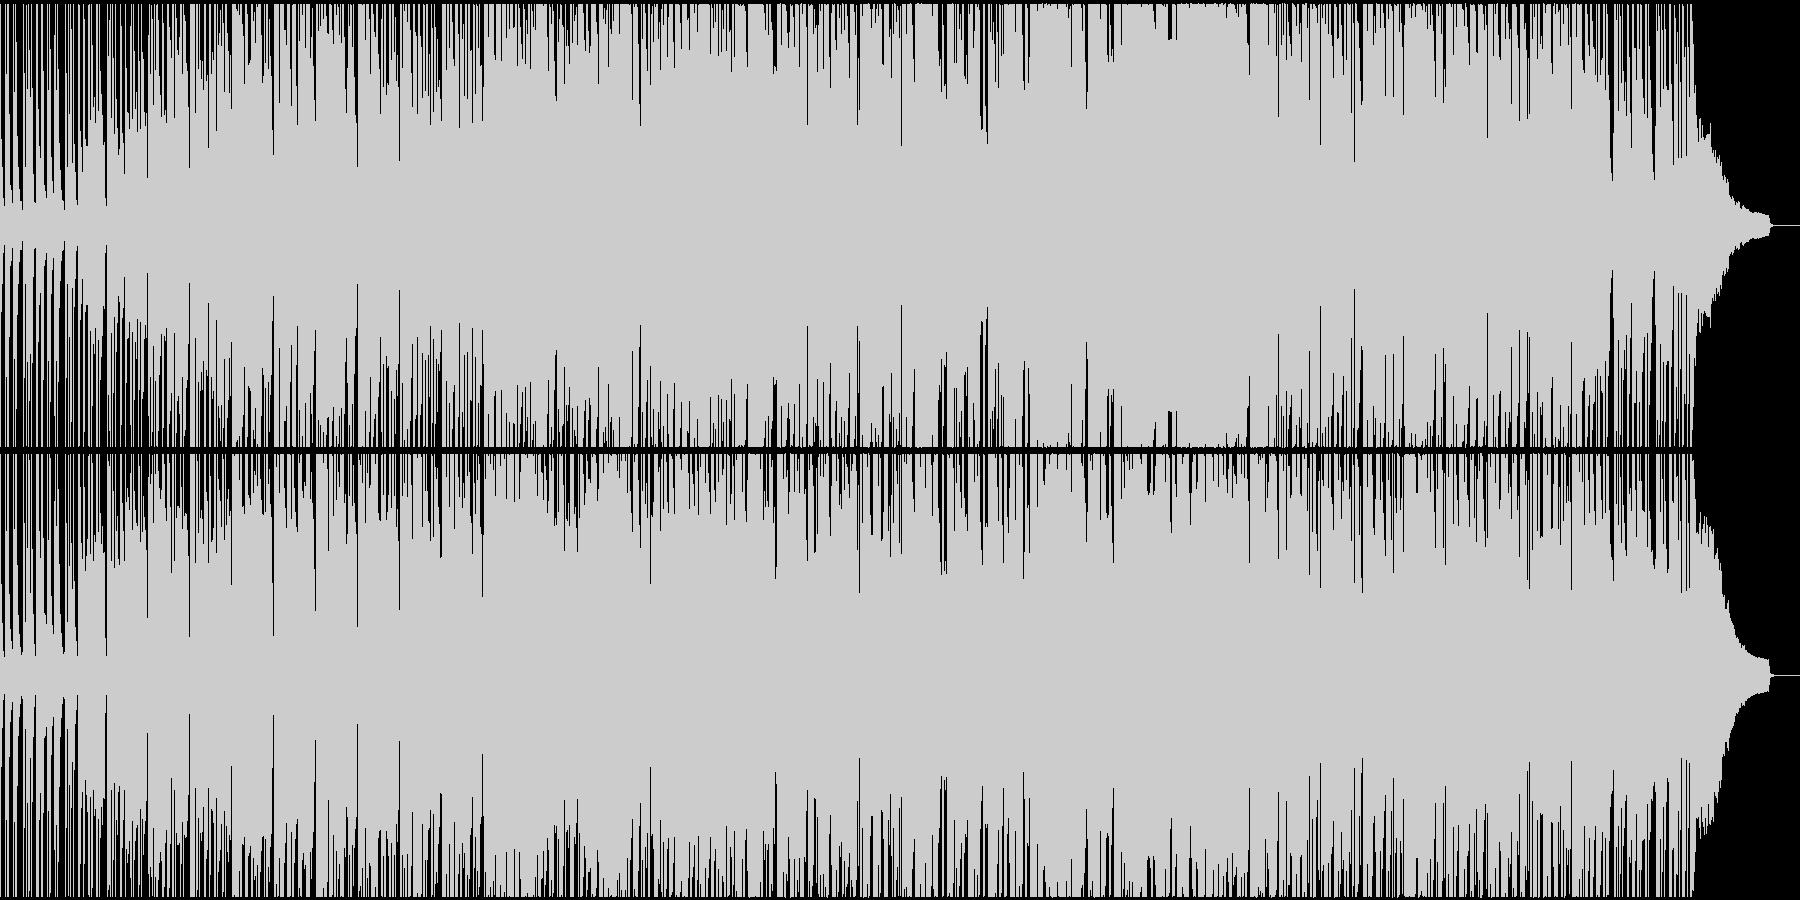 フットルース風エクササイズ曲 80年代の未再生の波形